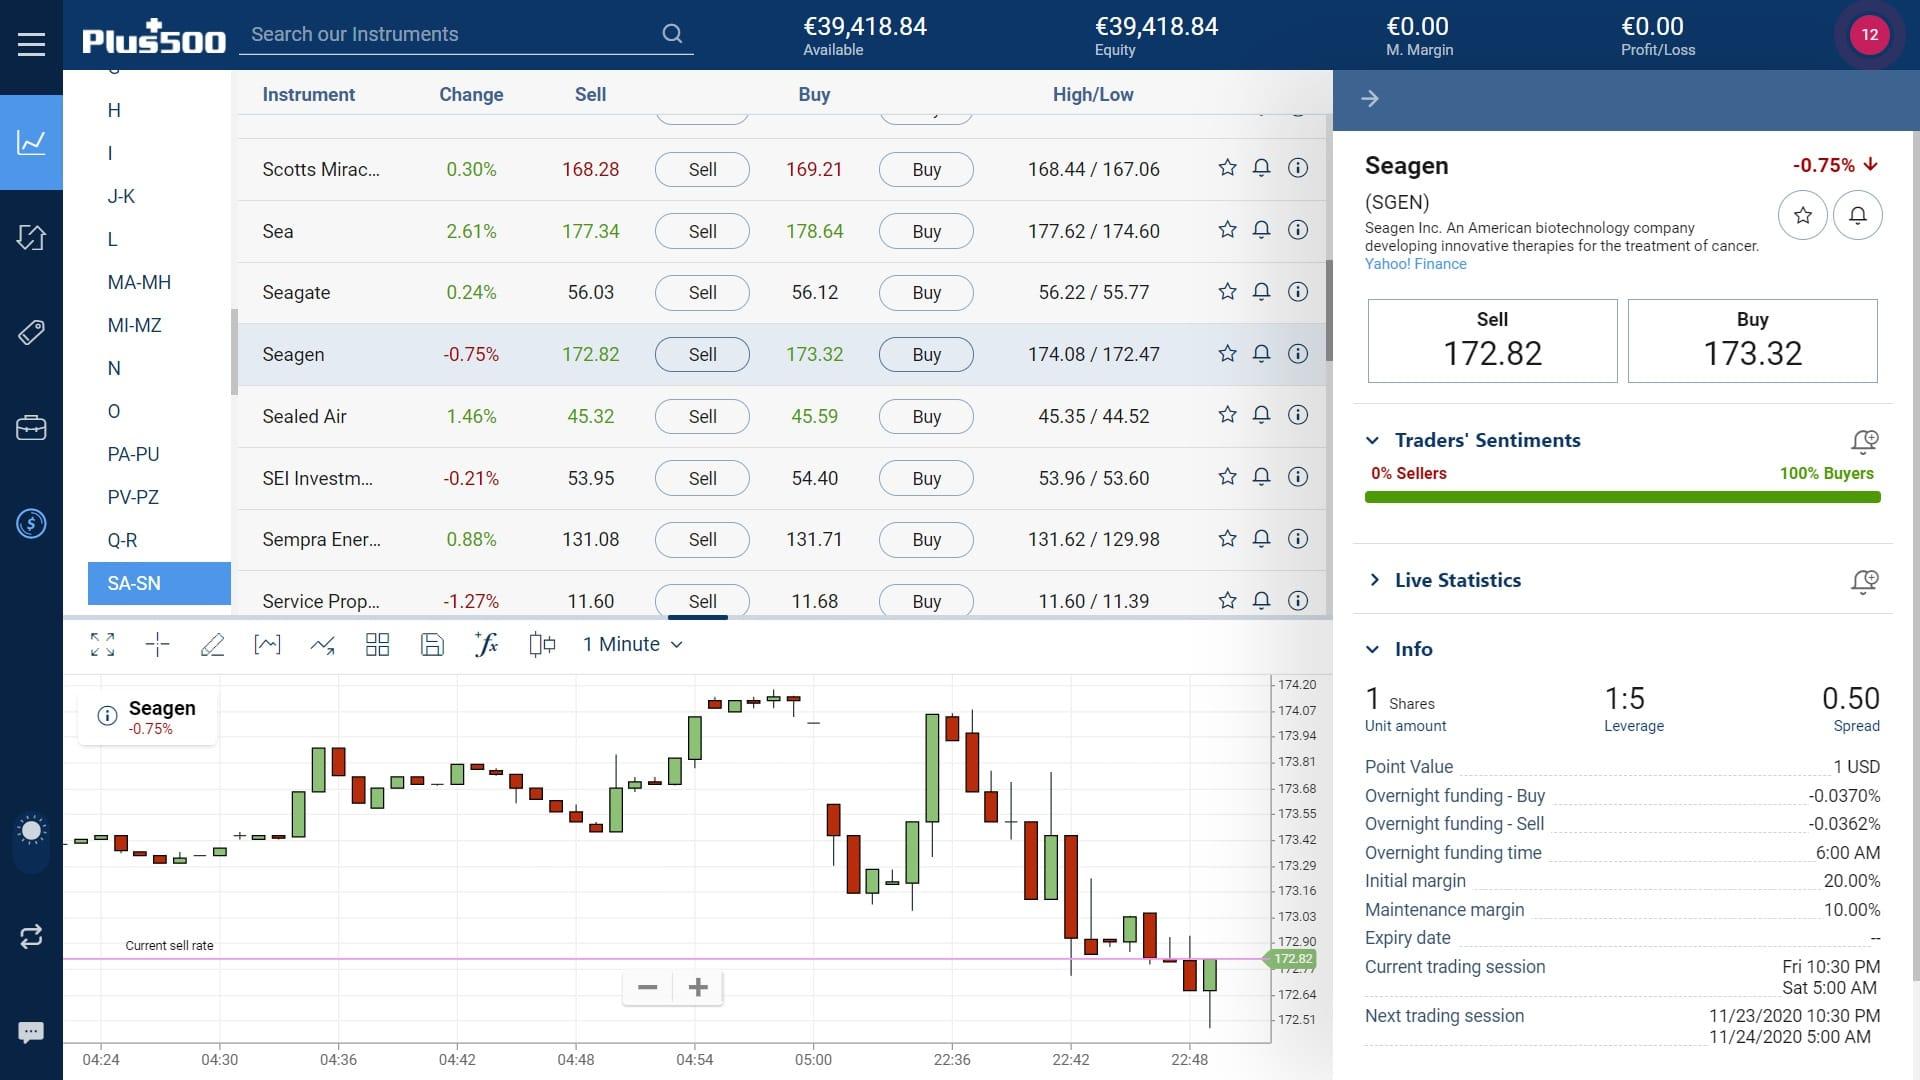 Seagen stock trading on Plus500's WebTrader platform